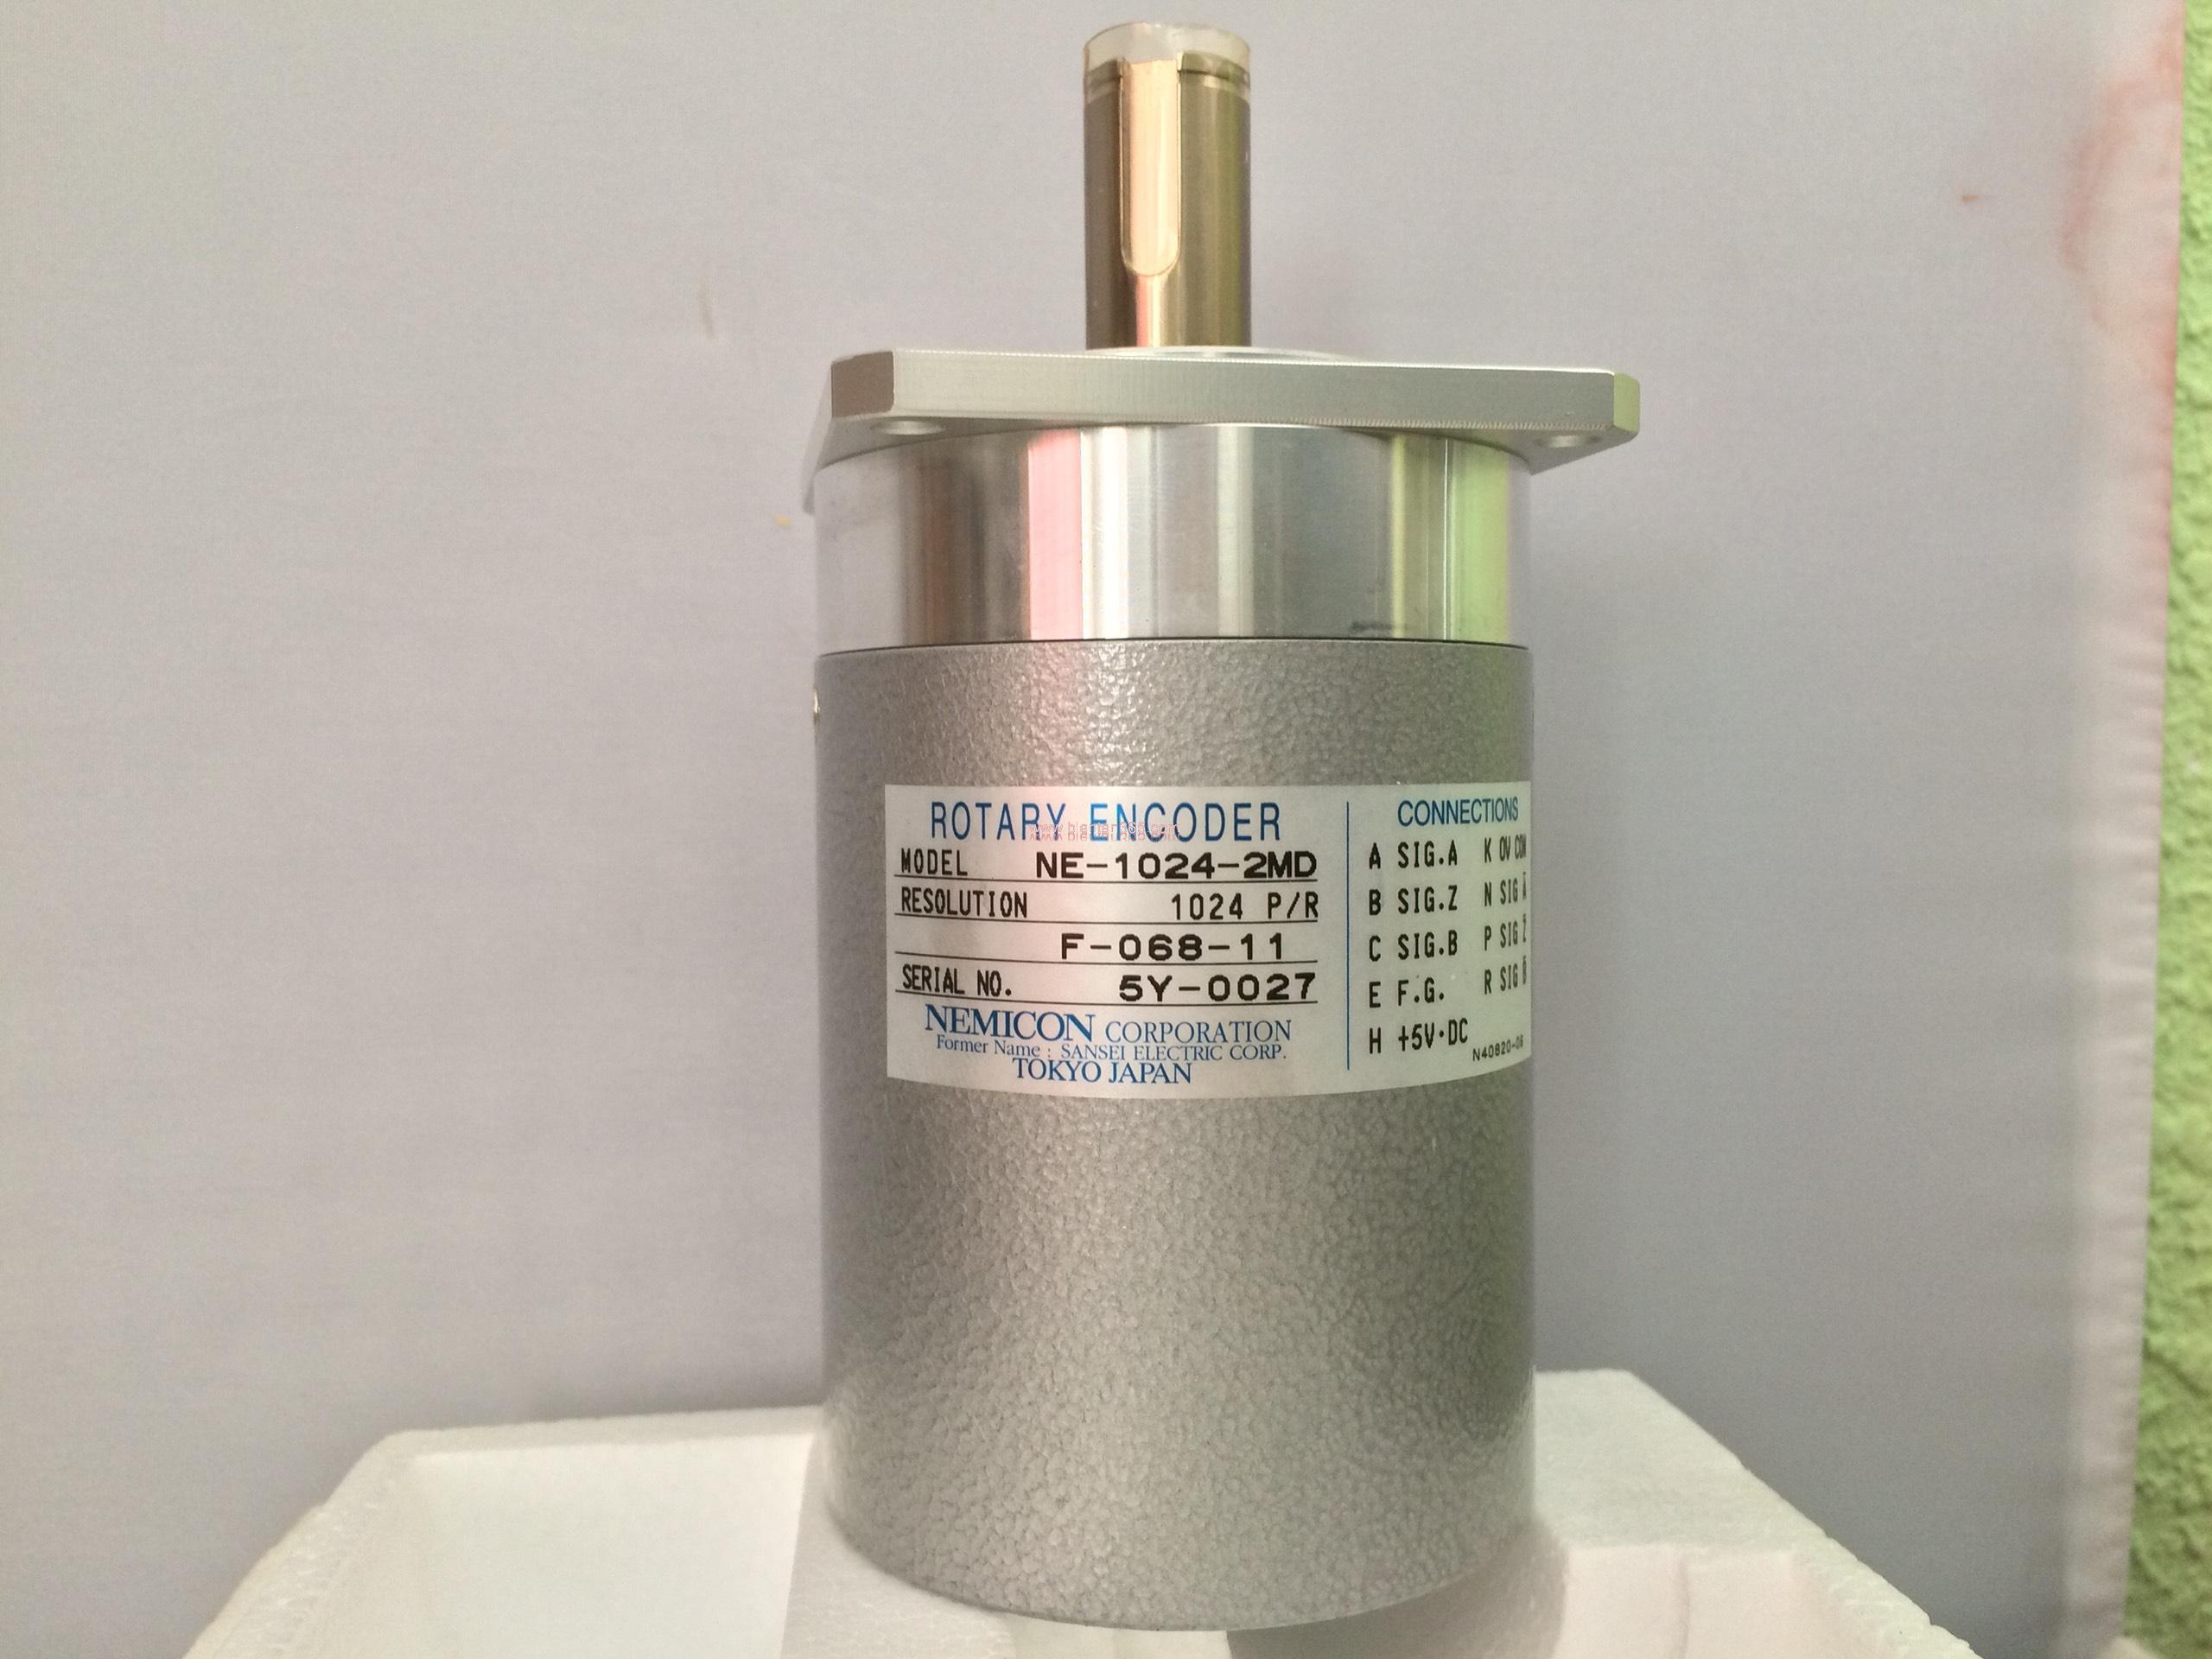 ENCODER NE-1024-2MDF-068-11